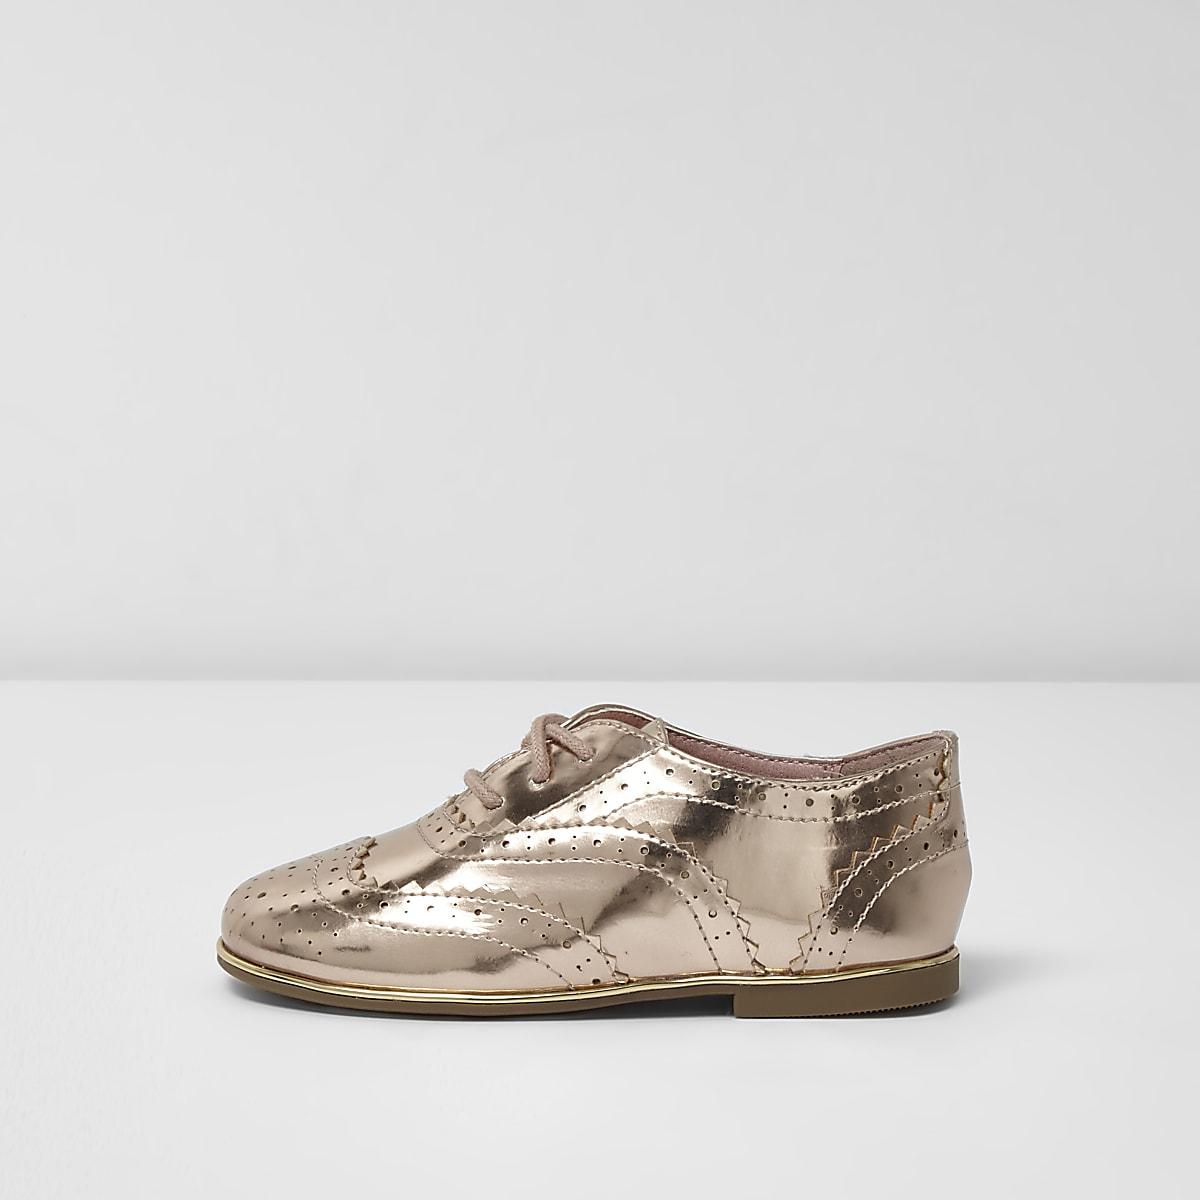 437fc5947ac9 Mini girls metallic gold brogues - Baby Girls Shoes - Baby Girls Shoes    Boots - Mini Girls - girls